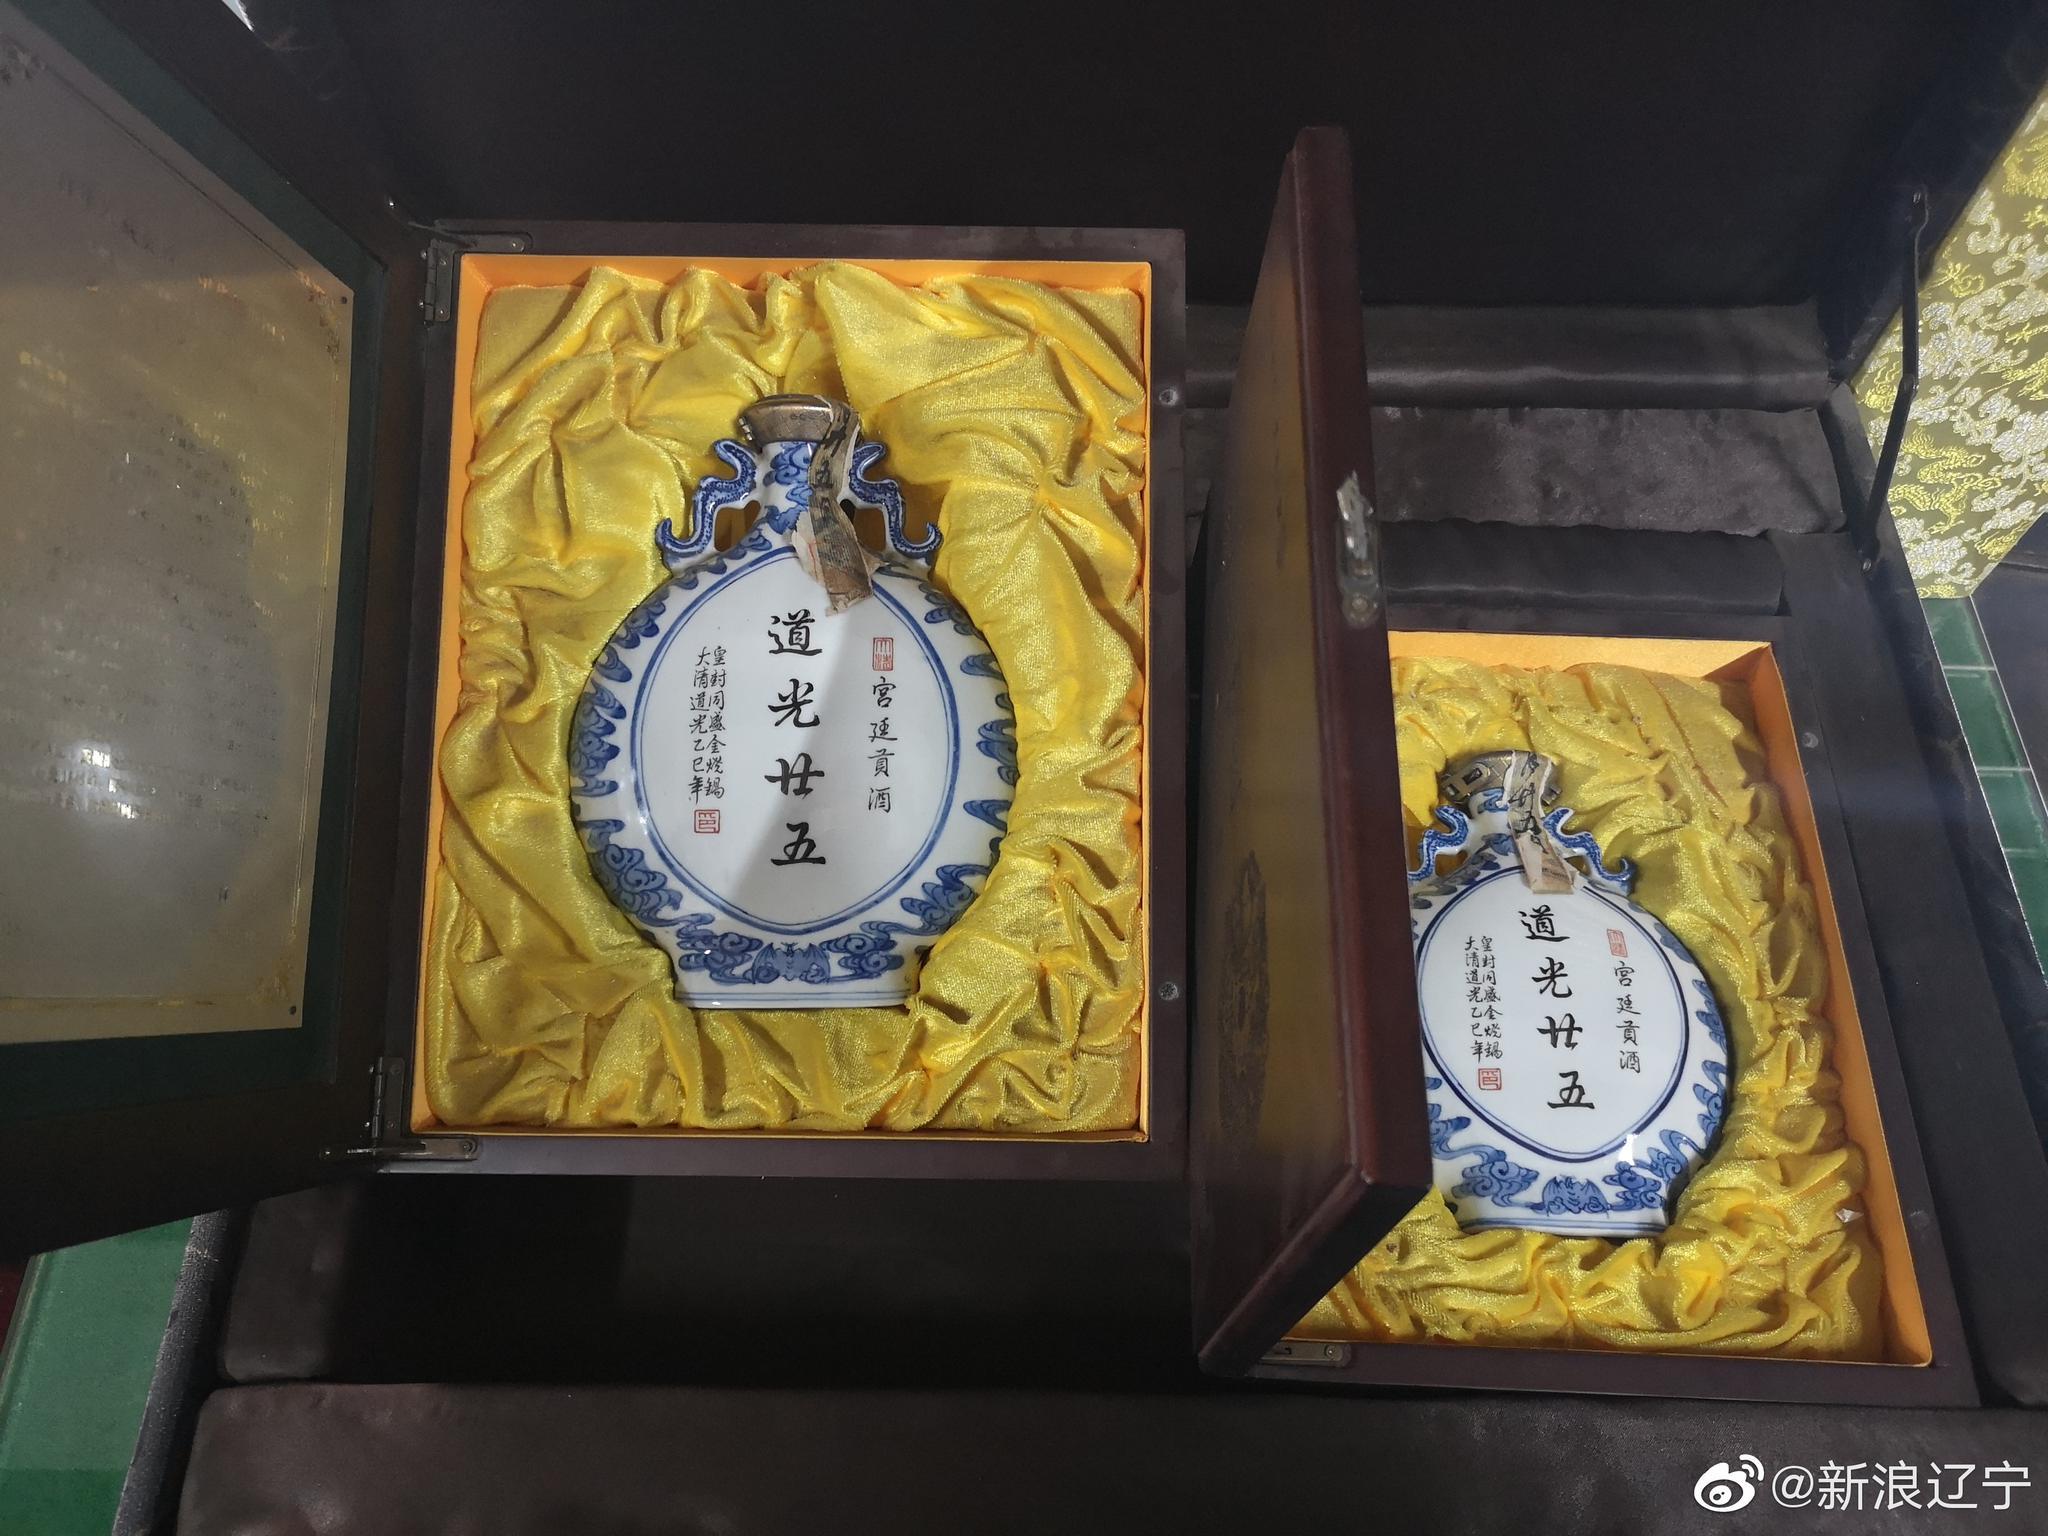 辽宁道光廿五集团公司历史悠长,具有浓厚的文化底蕴